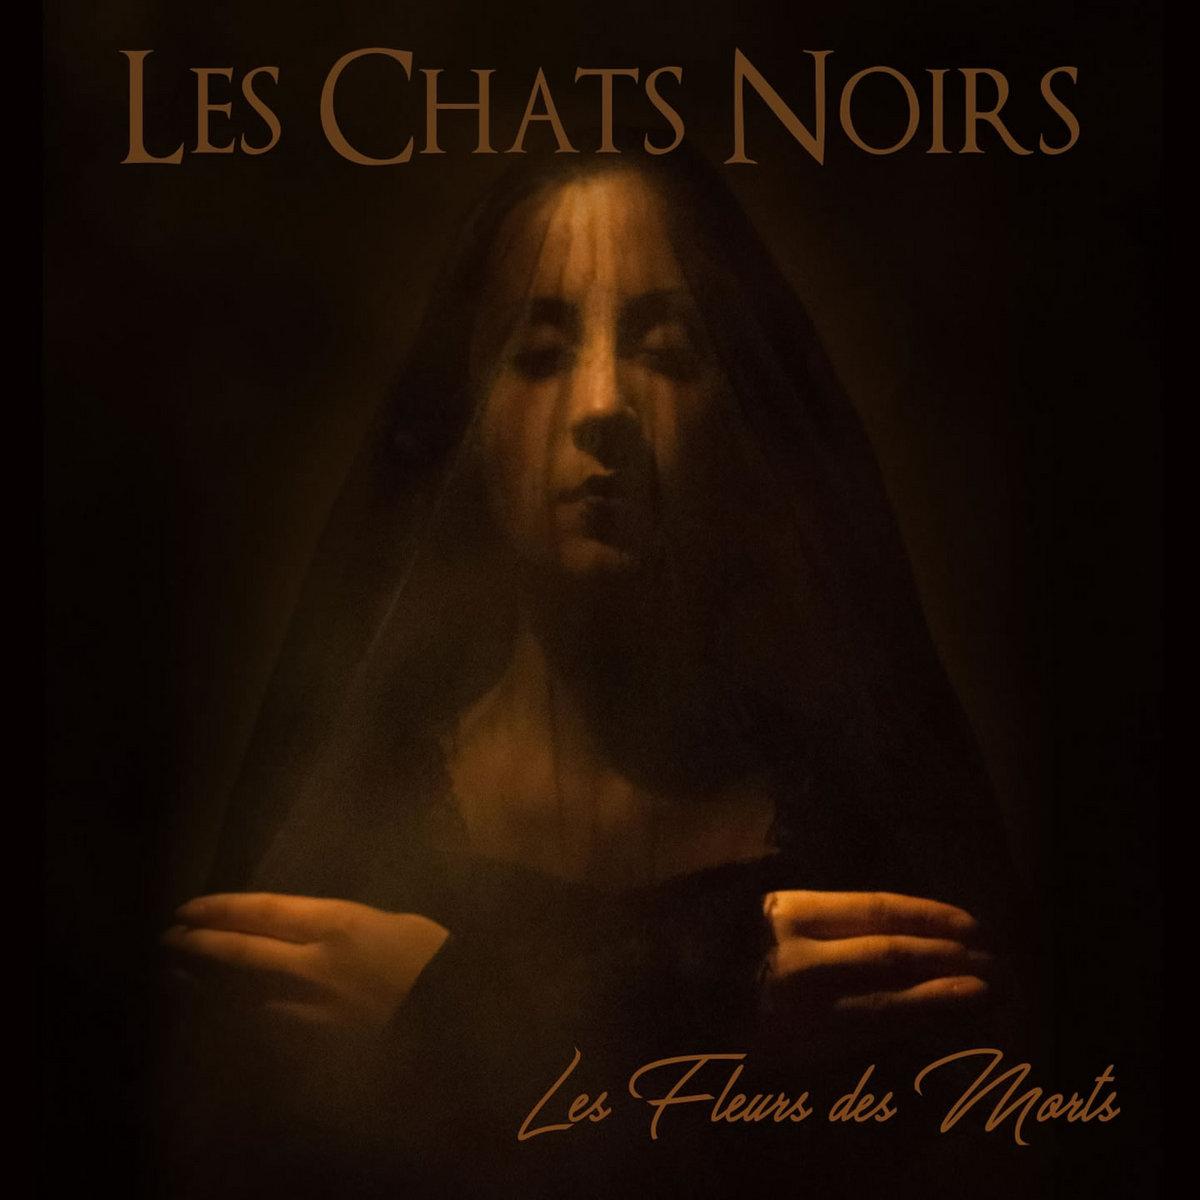 Extrêmement W068 - Les Chats Noirs - Les Fleurs des Morts | Wave Records XA13